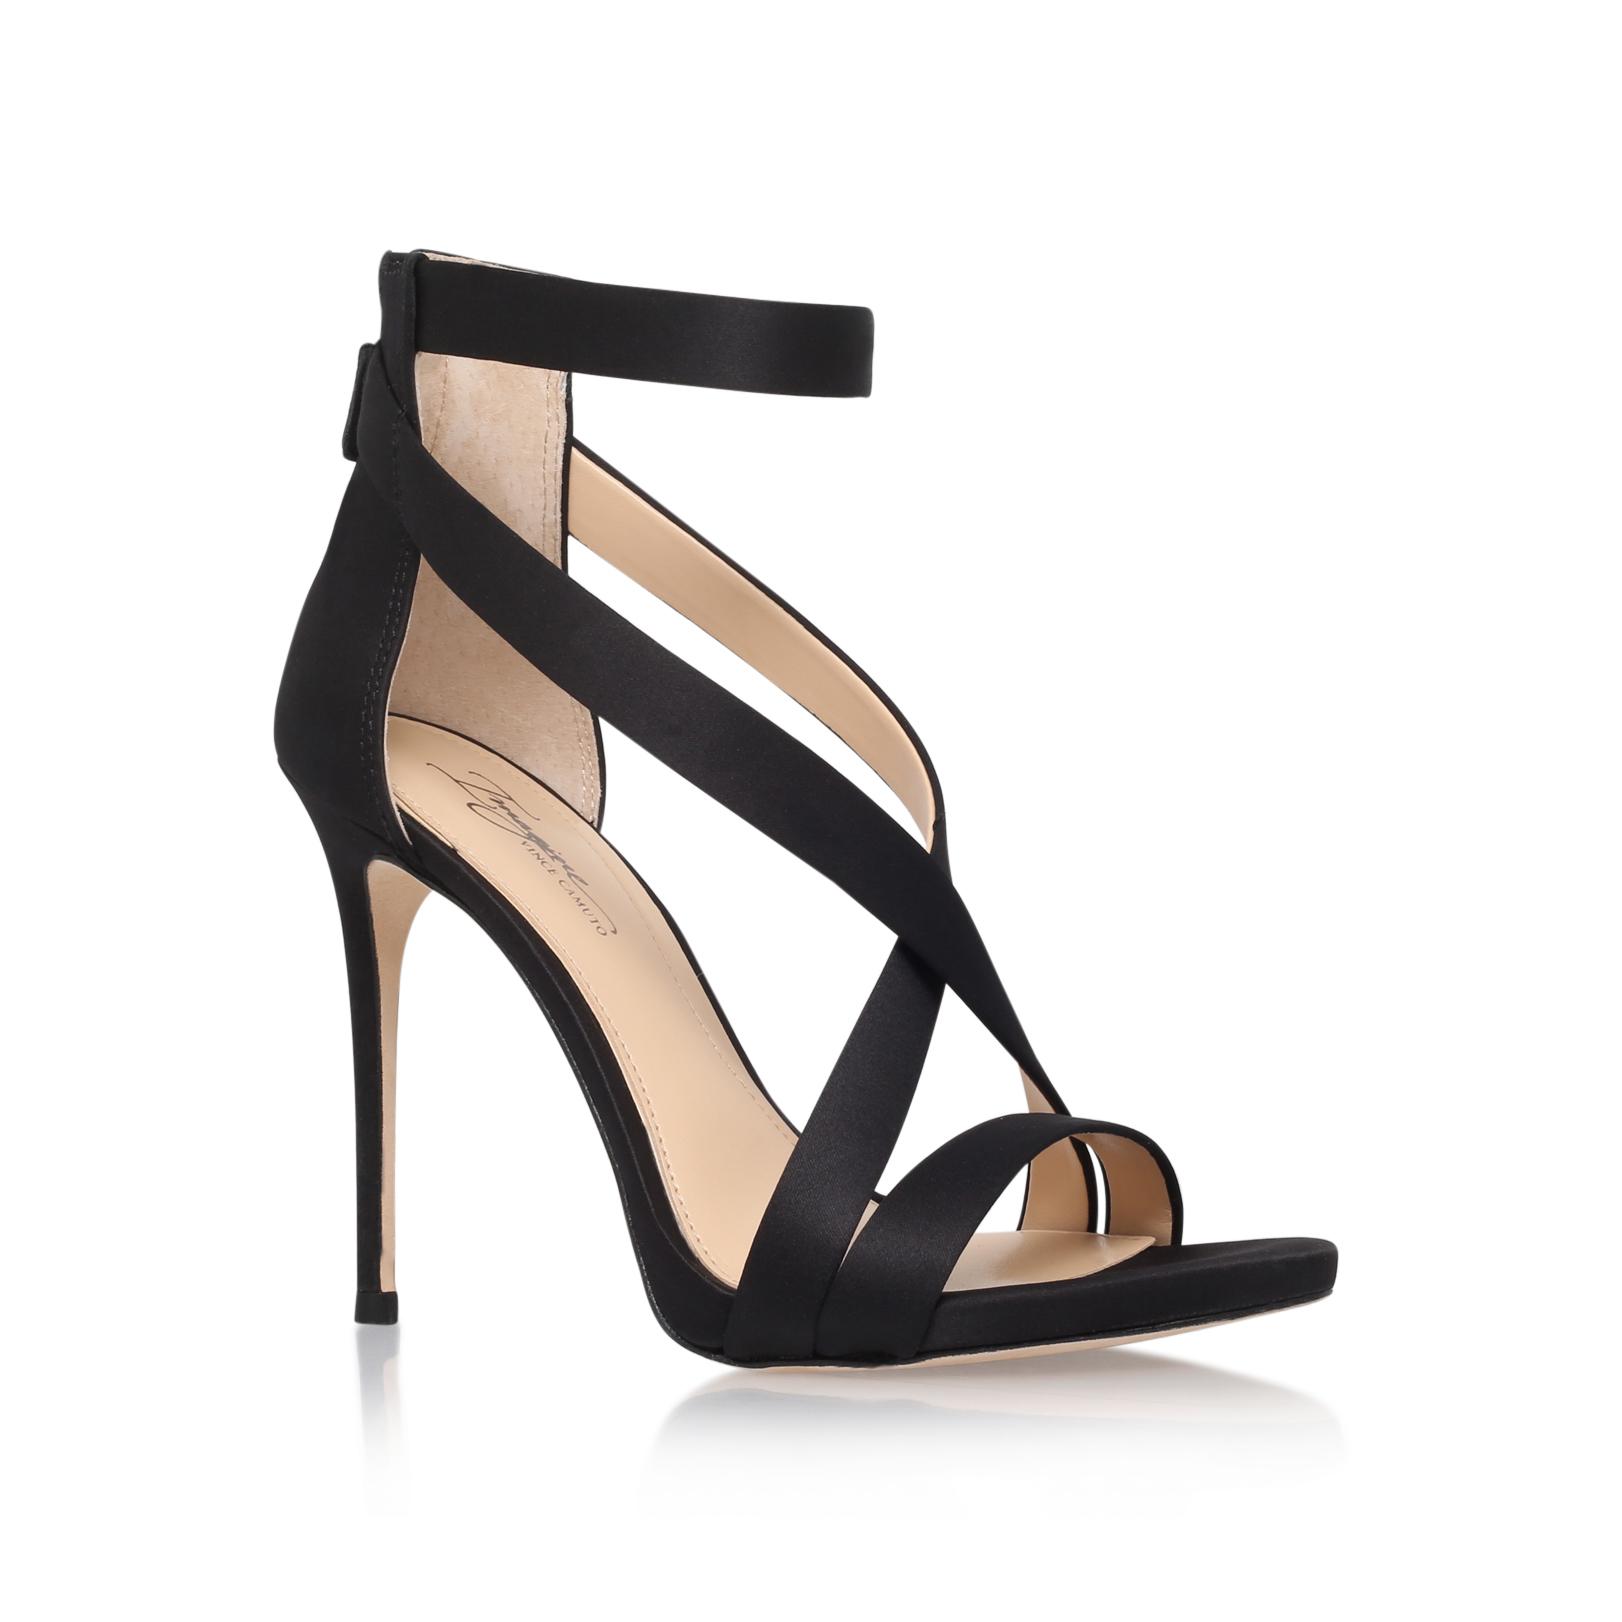 Acheter Pas Cher Payer Avec Visa Imaginez Camuto Vince Devin Sandale Stiletto En Cuir Moulantes Shopping En Ligne mgPRf